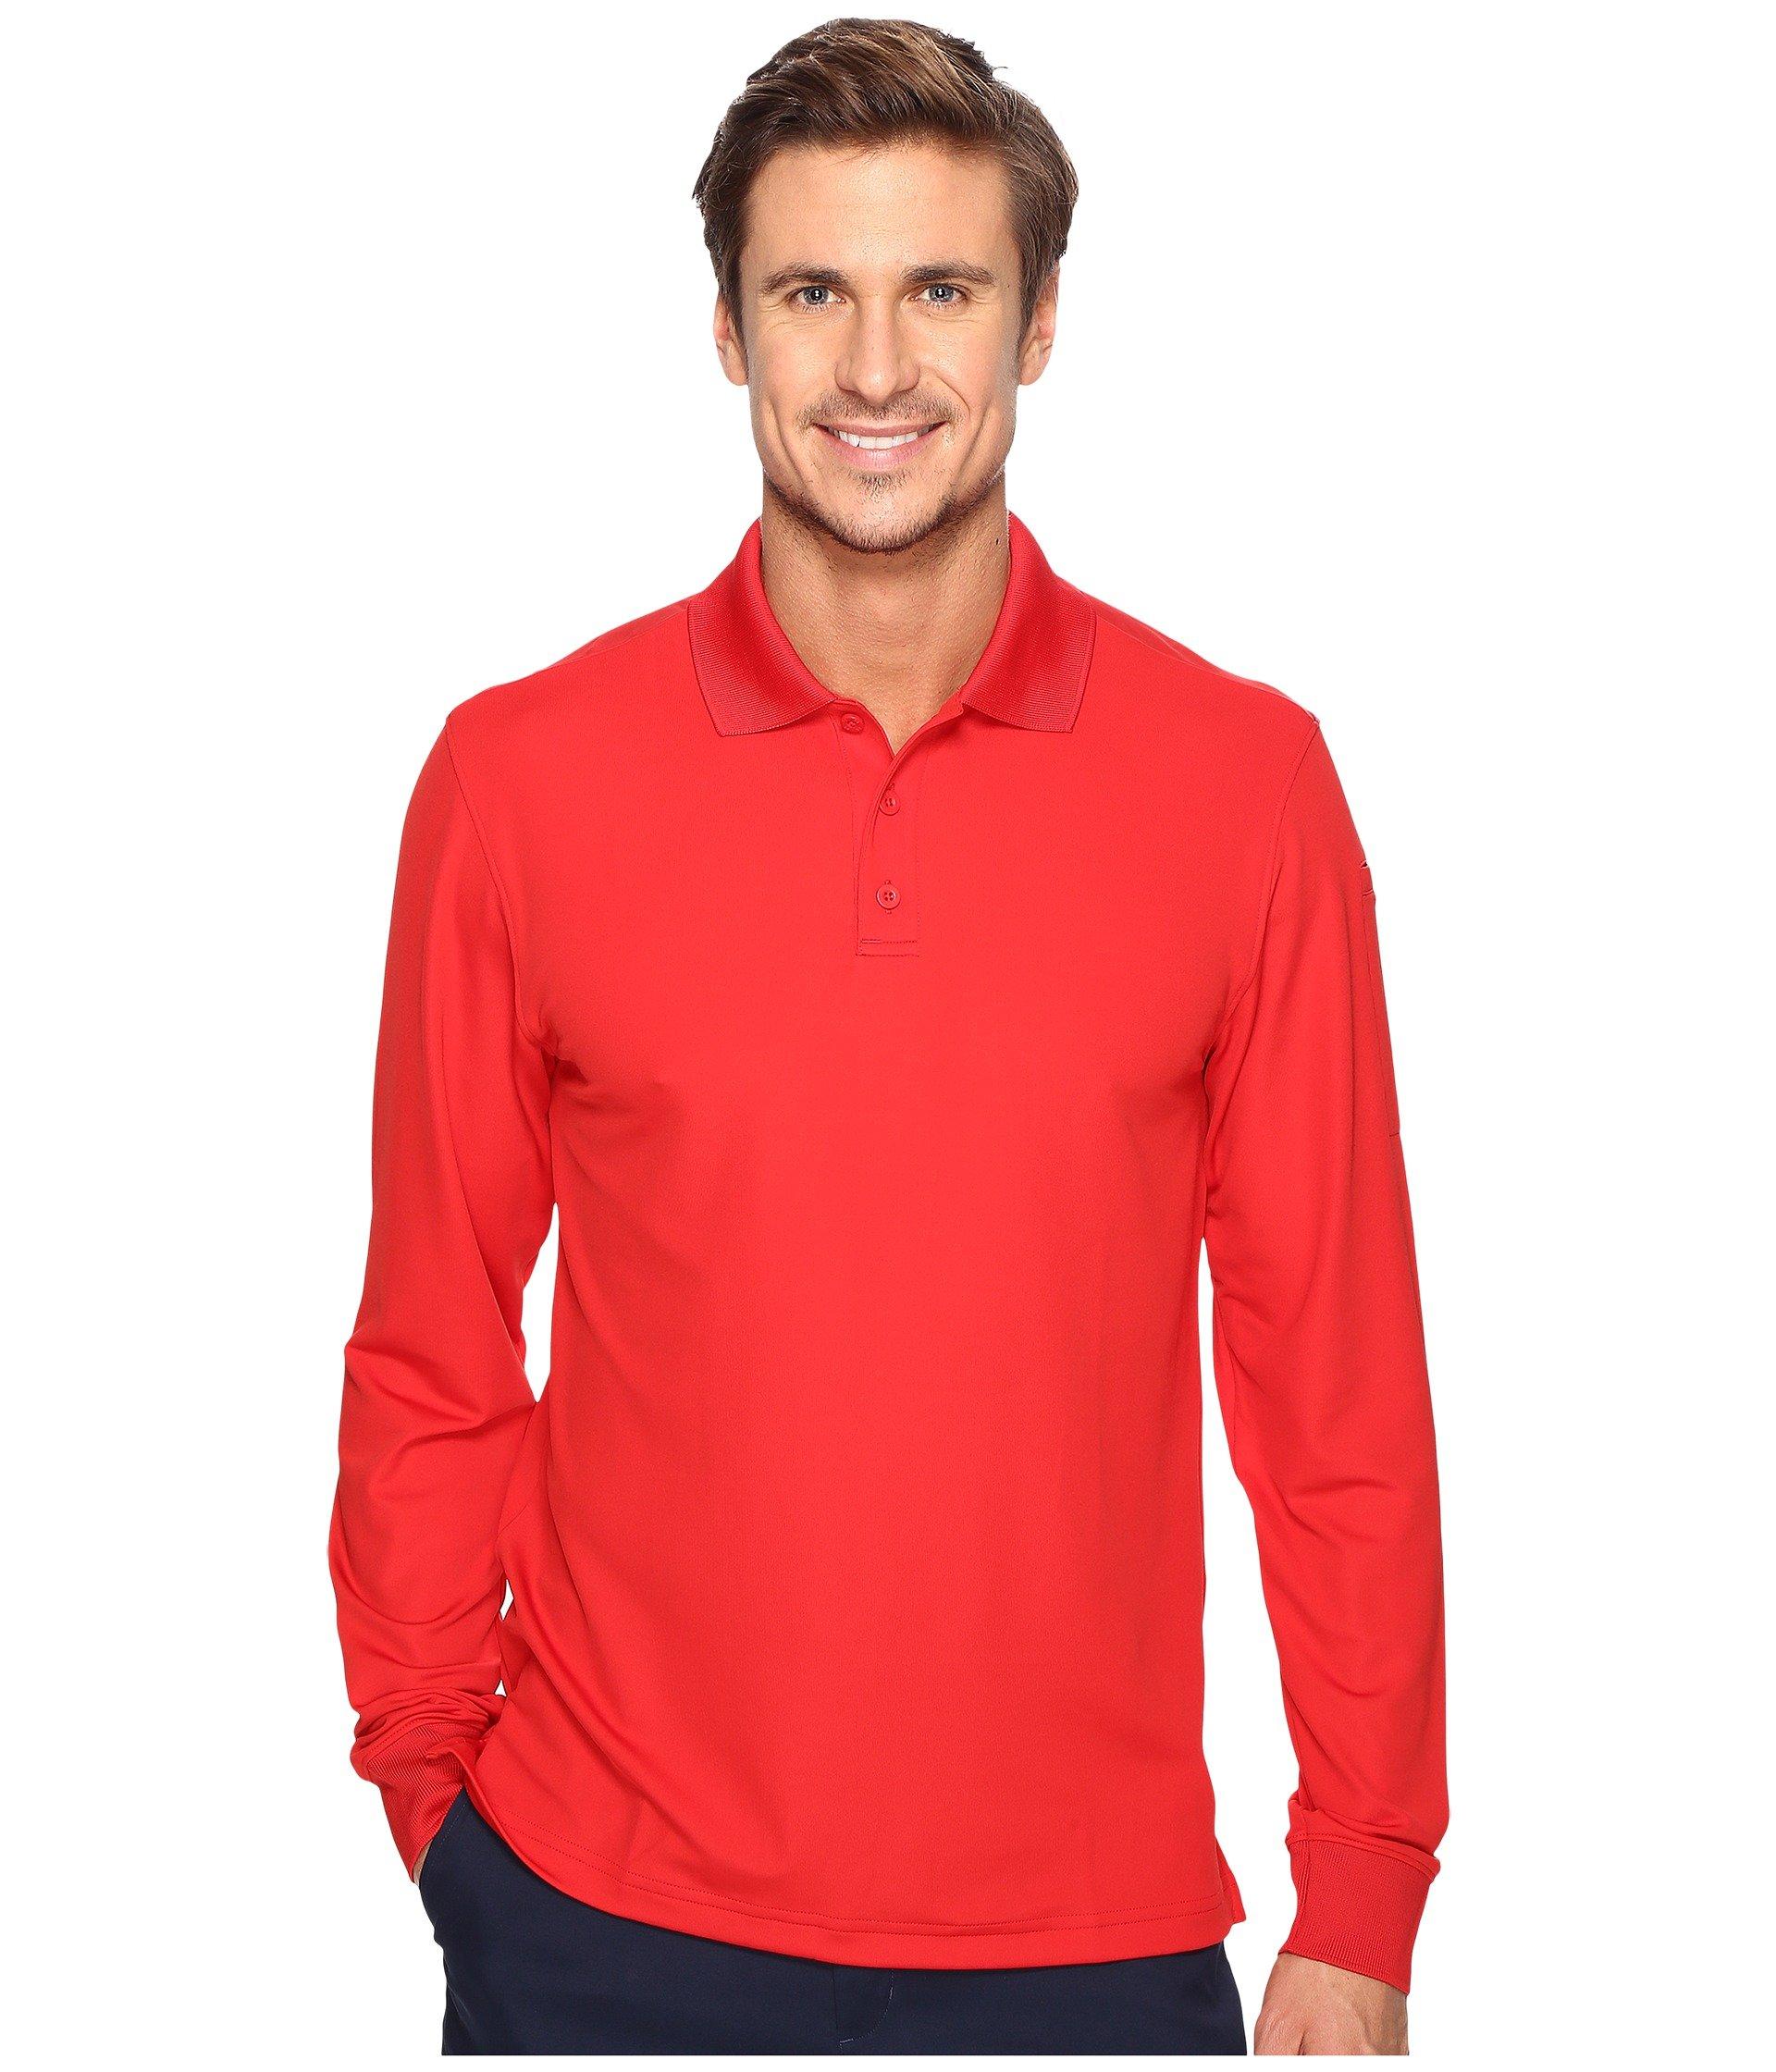 Camiseta Tipo Polo para Hombre Under Armour UA Tac Performance Polo Long Sleeve  + Under Armour en VeoyCompro.net